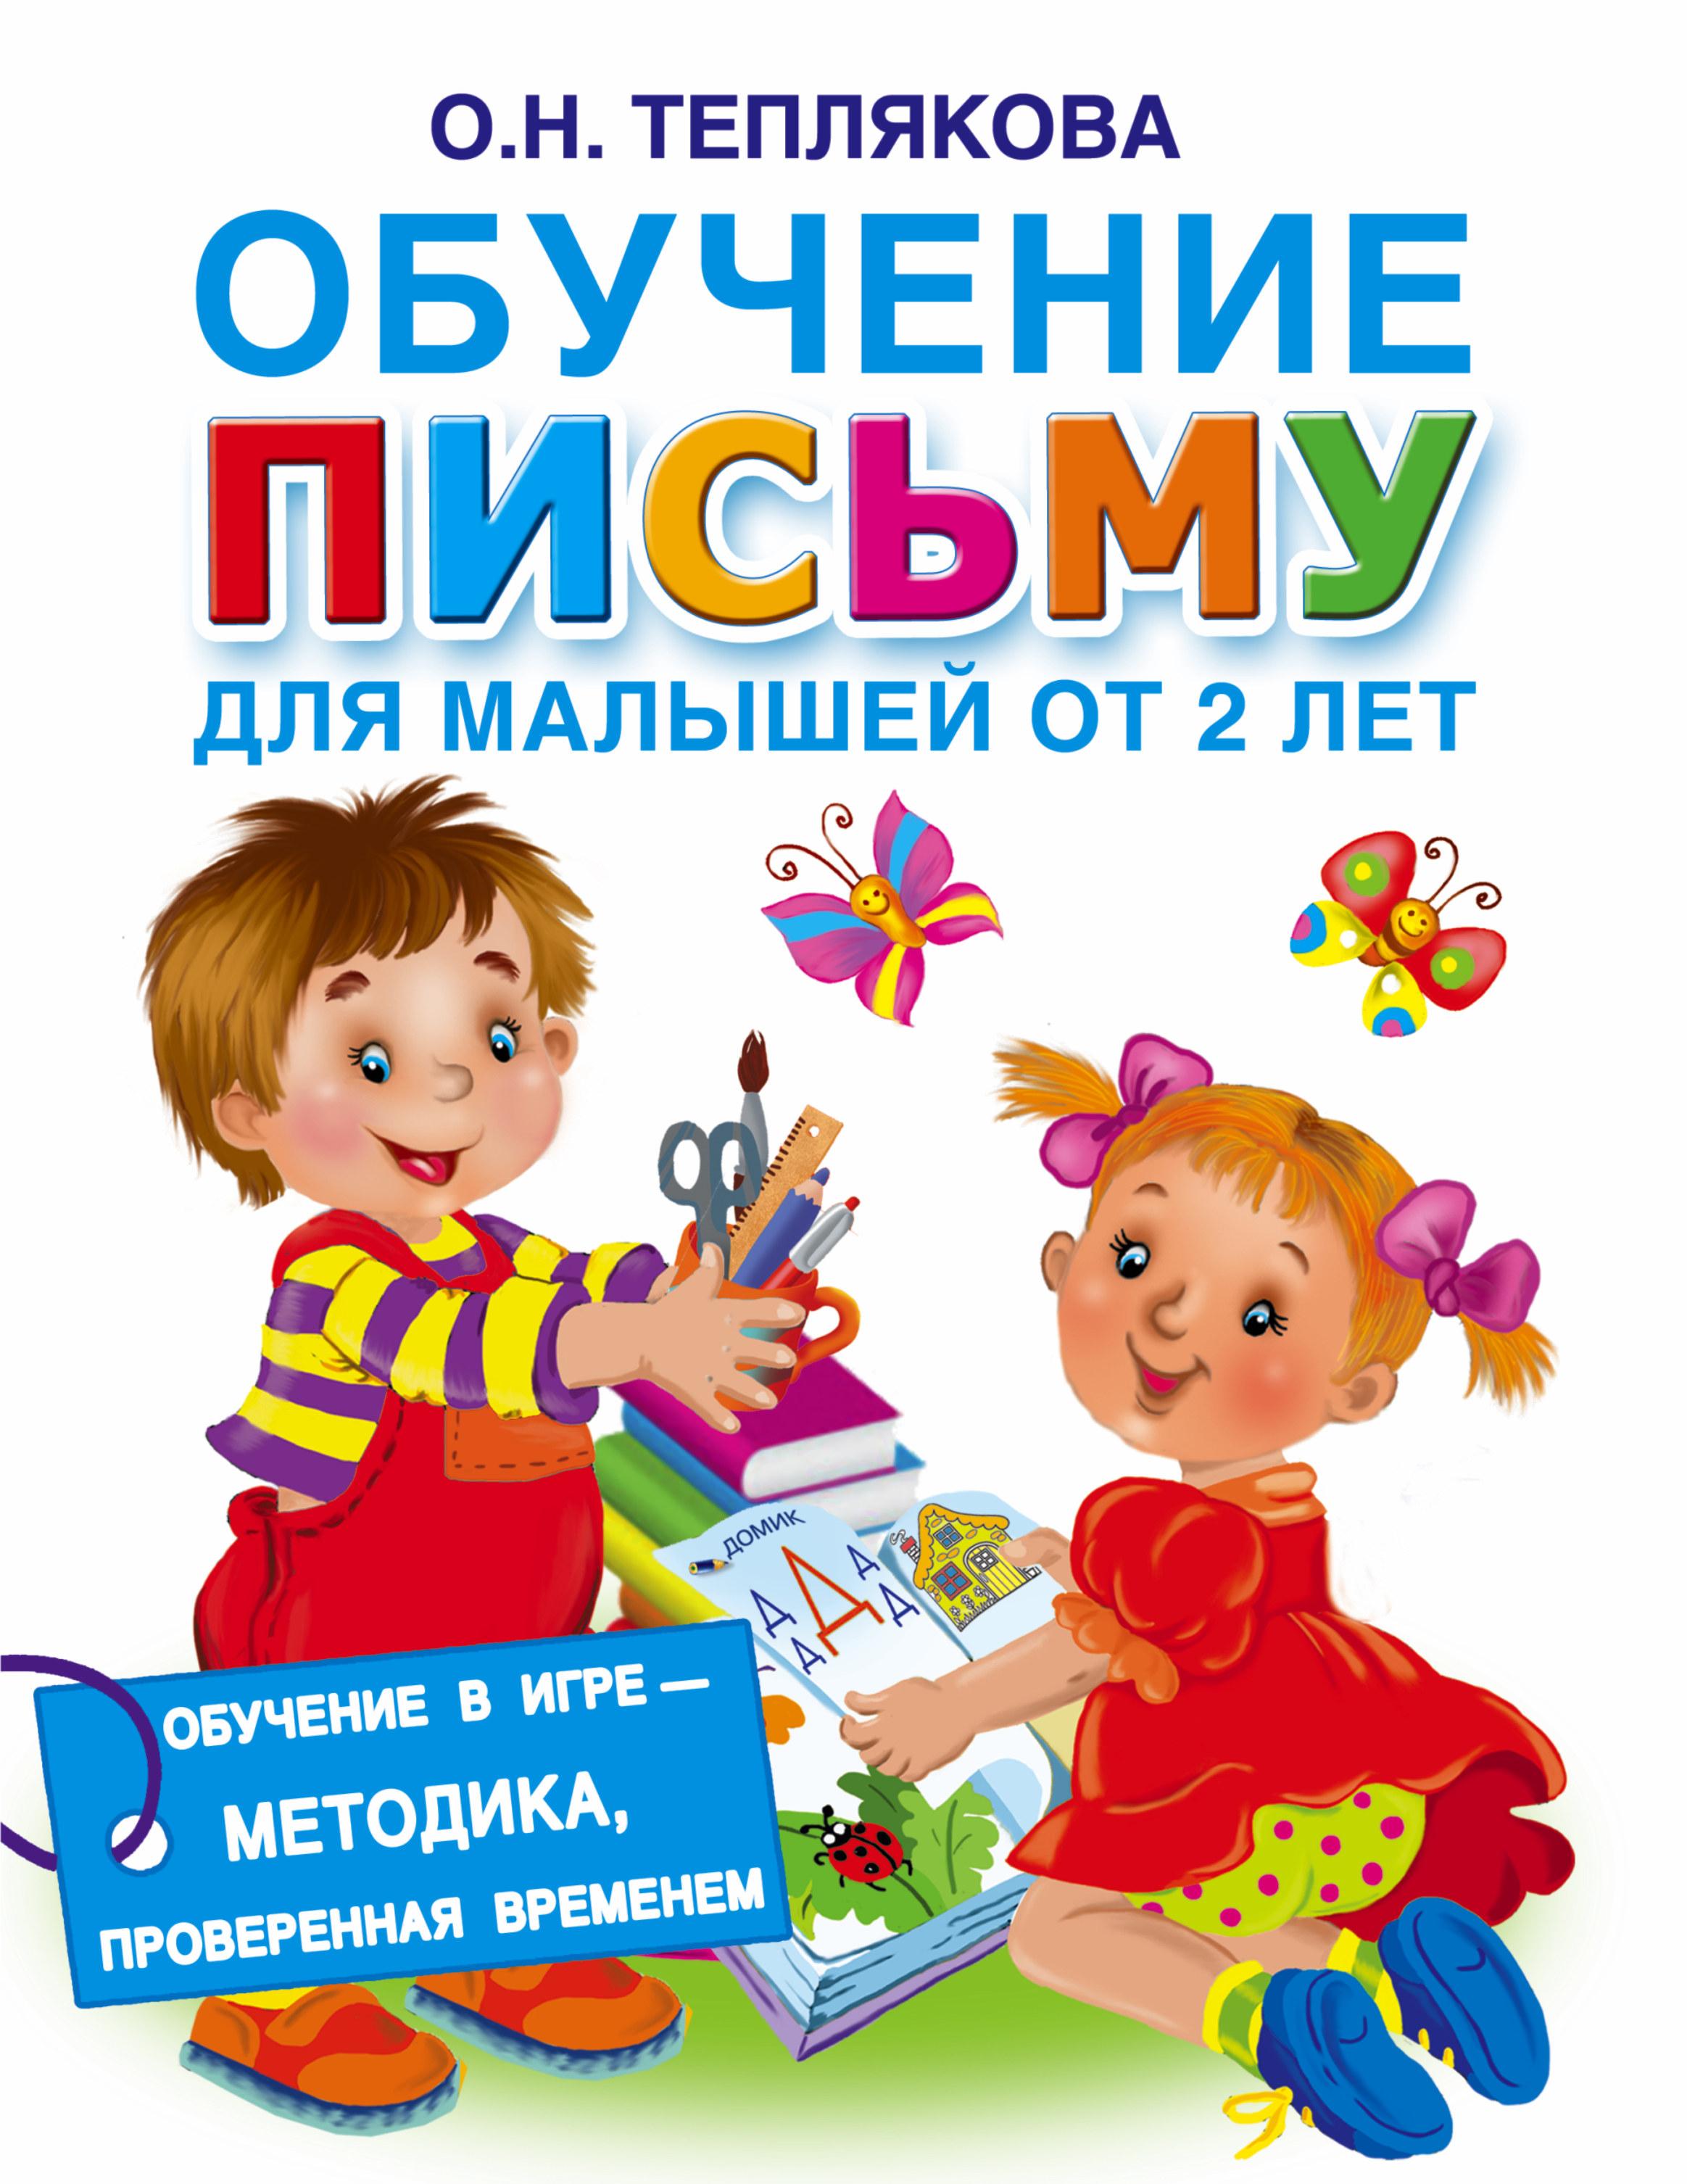 Теплякова О.Н. Обучение письму для малышей от 2 лет новая деревянная игрушка для малышей маленький размер монтессори baby toy beech abacus обучение обучение обучение дошкольному образованию